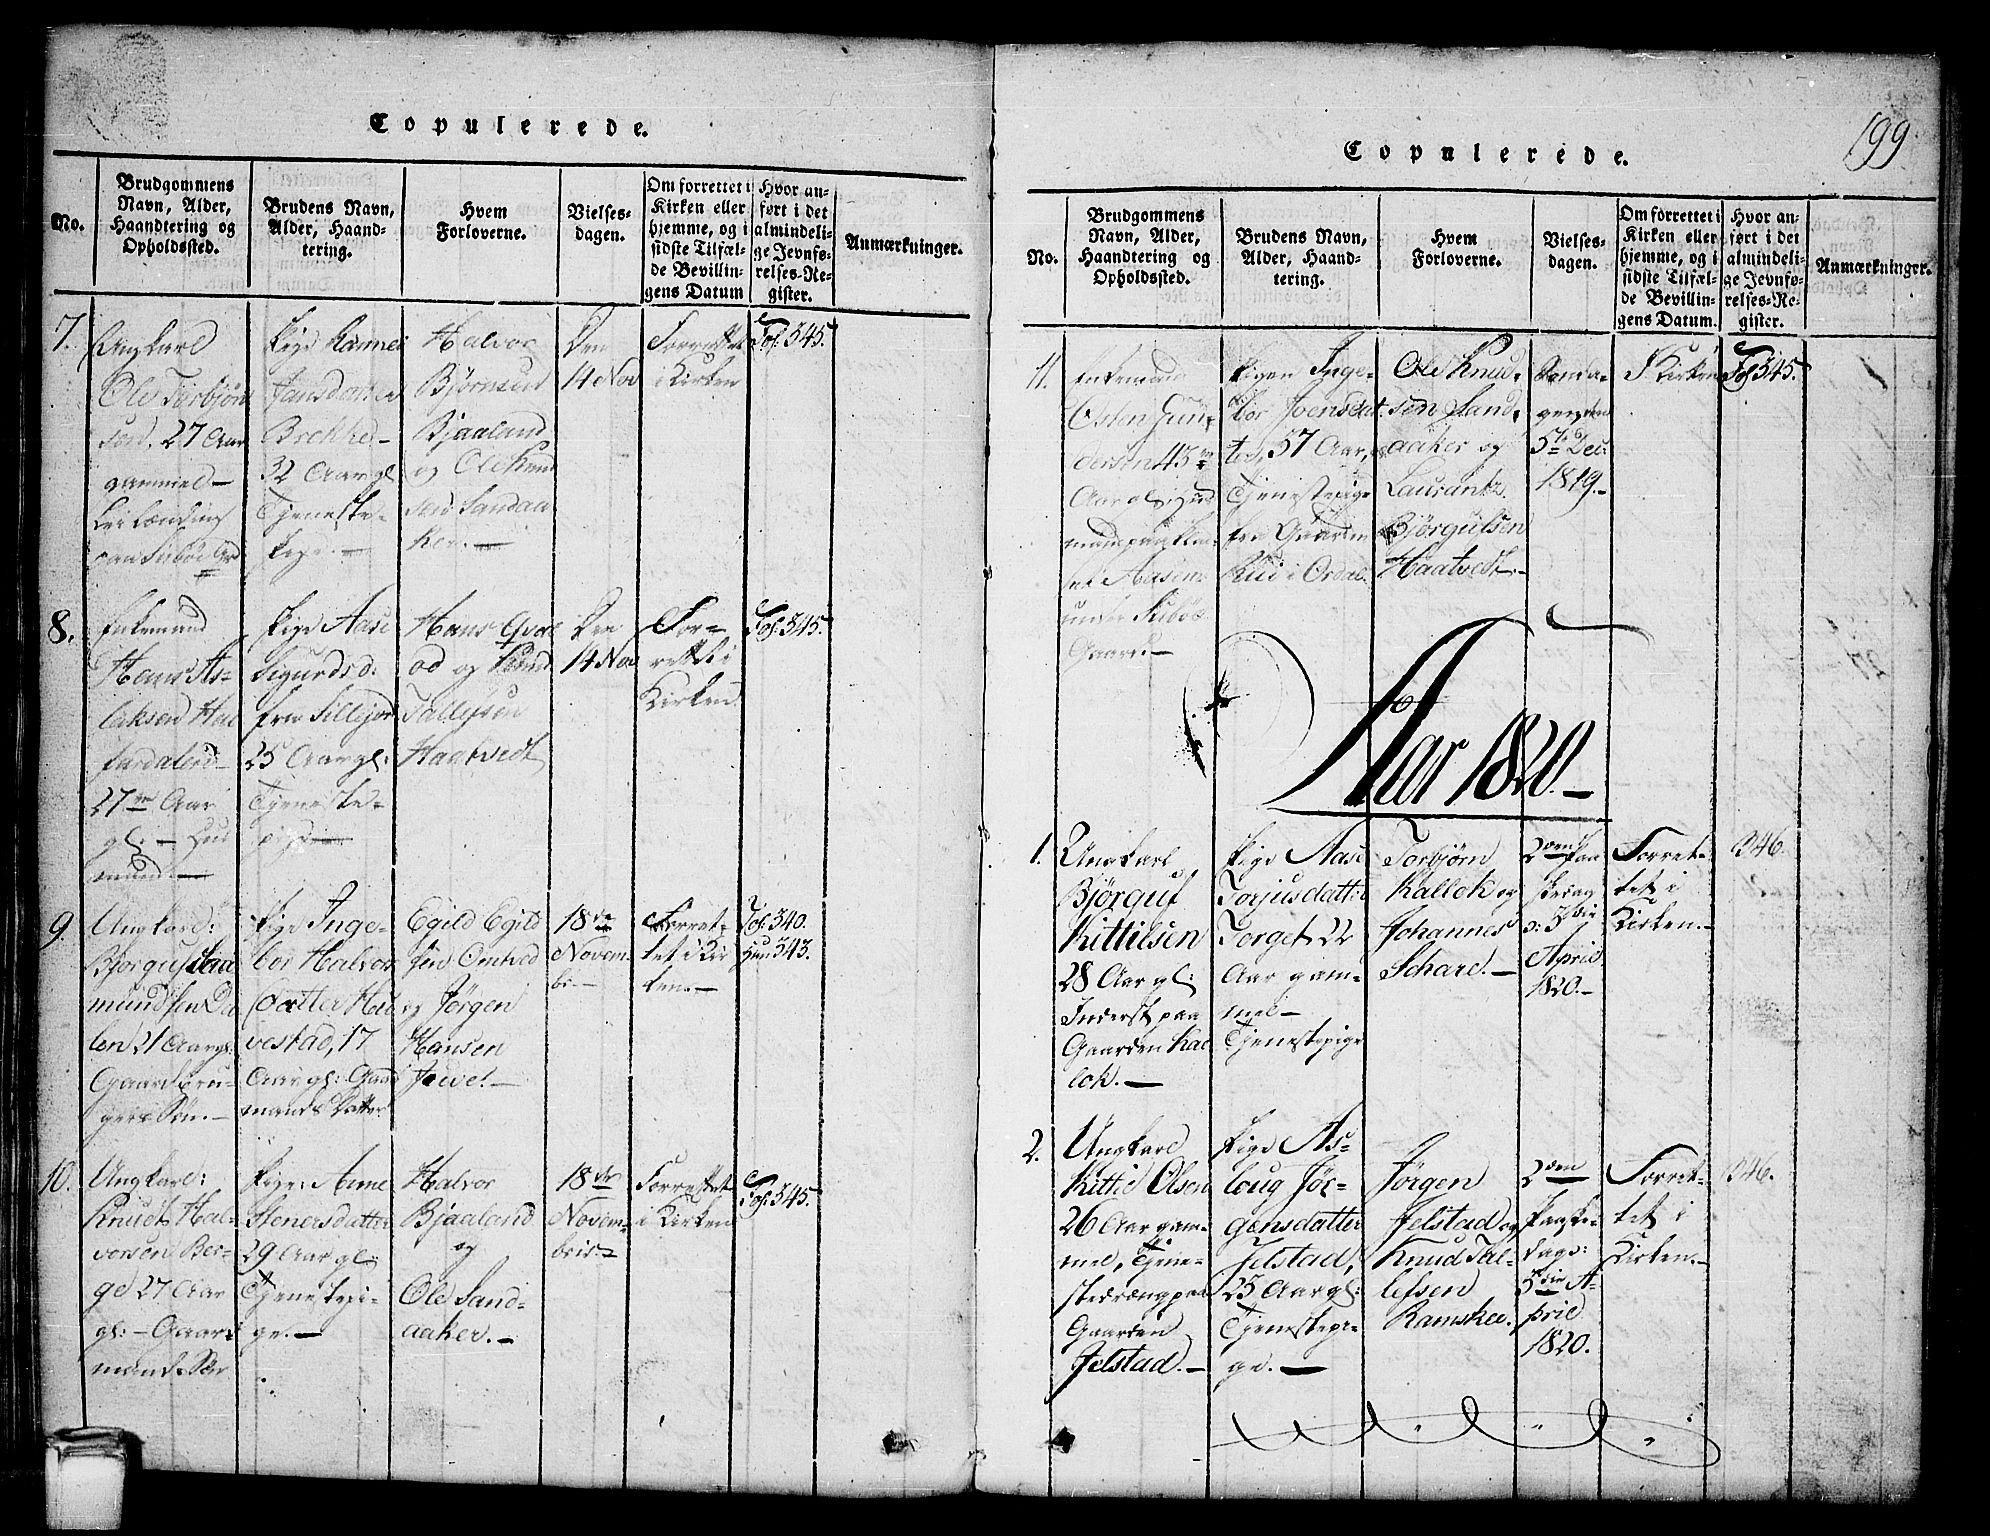 SAKO, Kviteseid kirkebøker, G/Gb/L0001: Klokkerbok nr. II 1, 1815-1842, s. 199